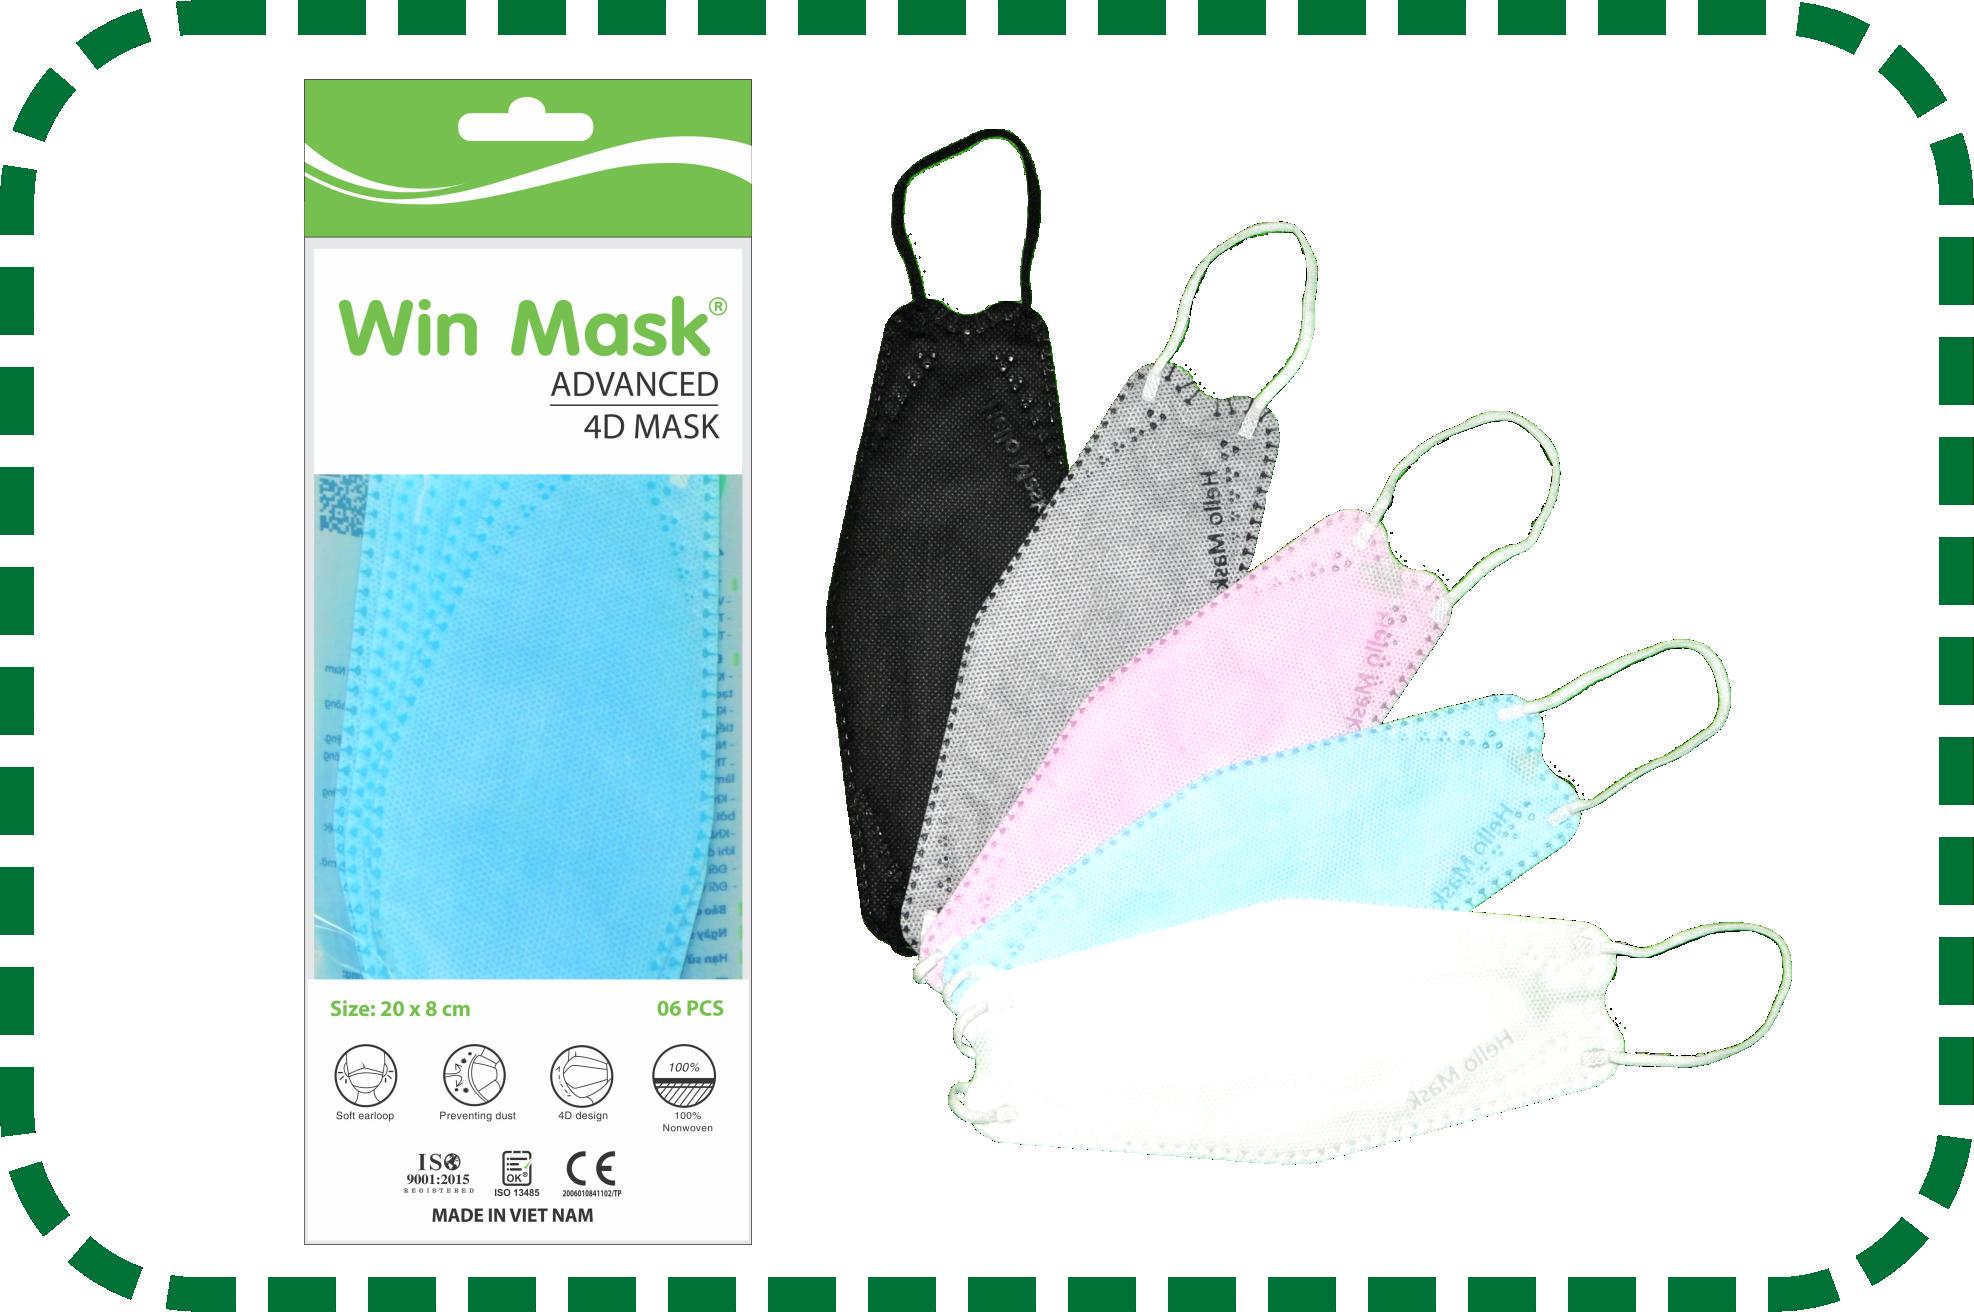 Khẩu Trang Hàn Quốc Win Mask